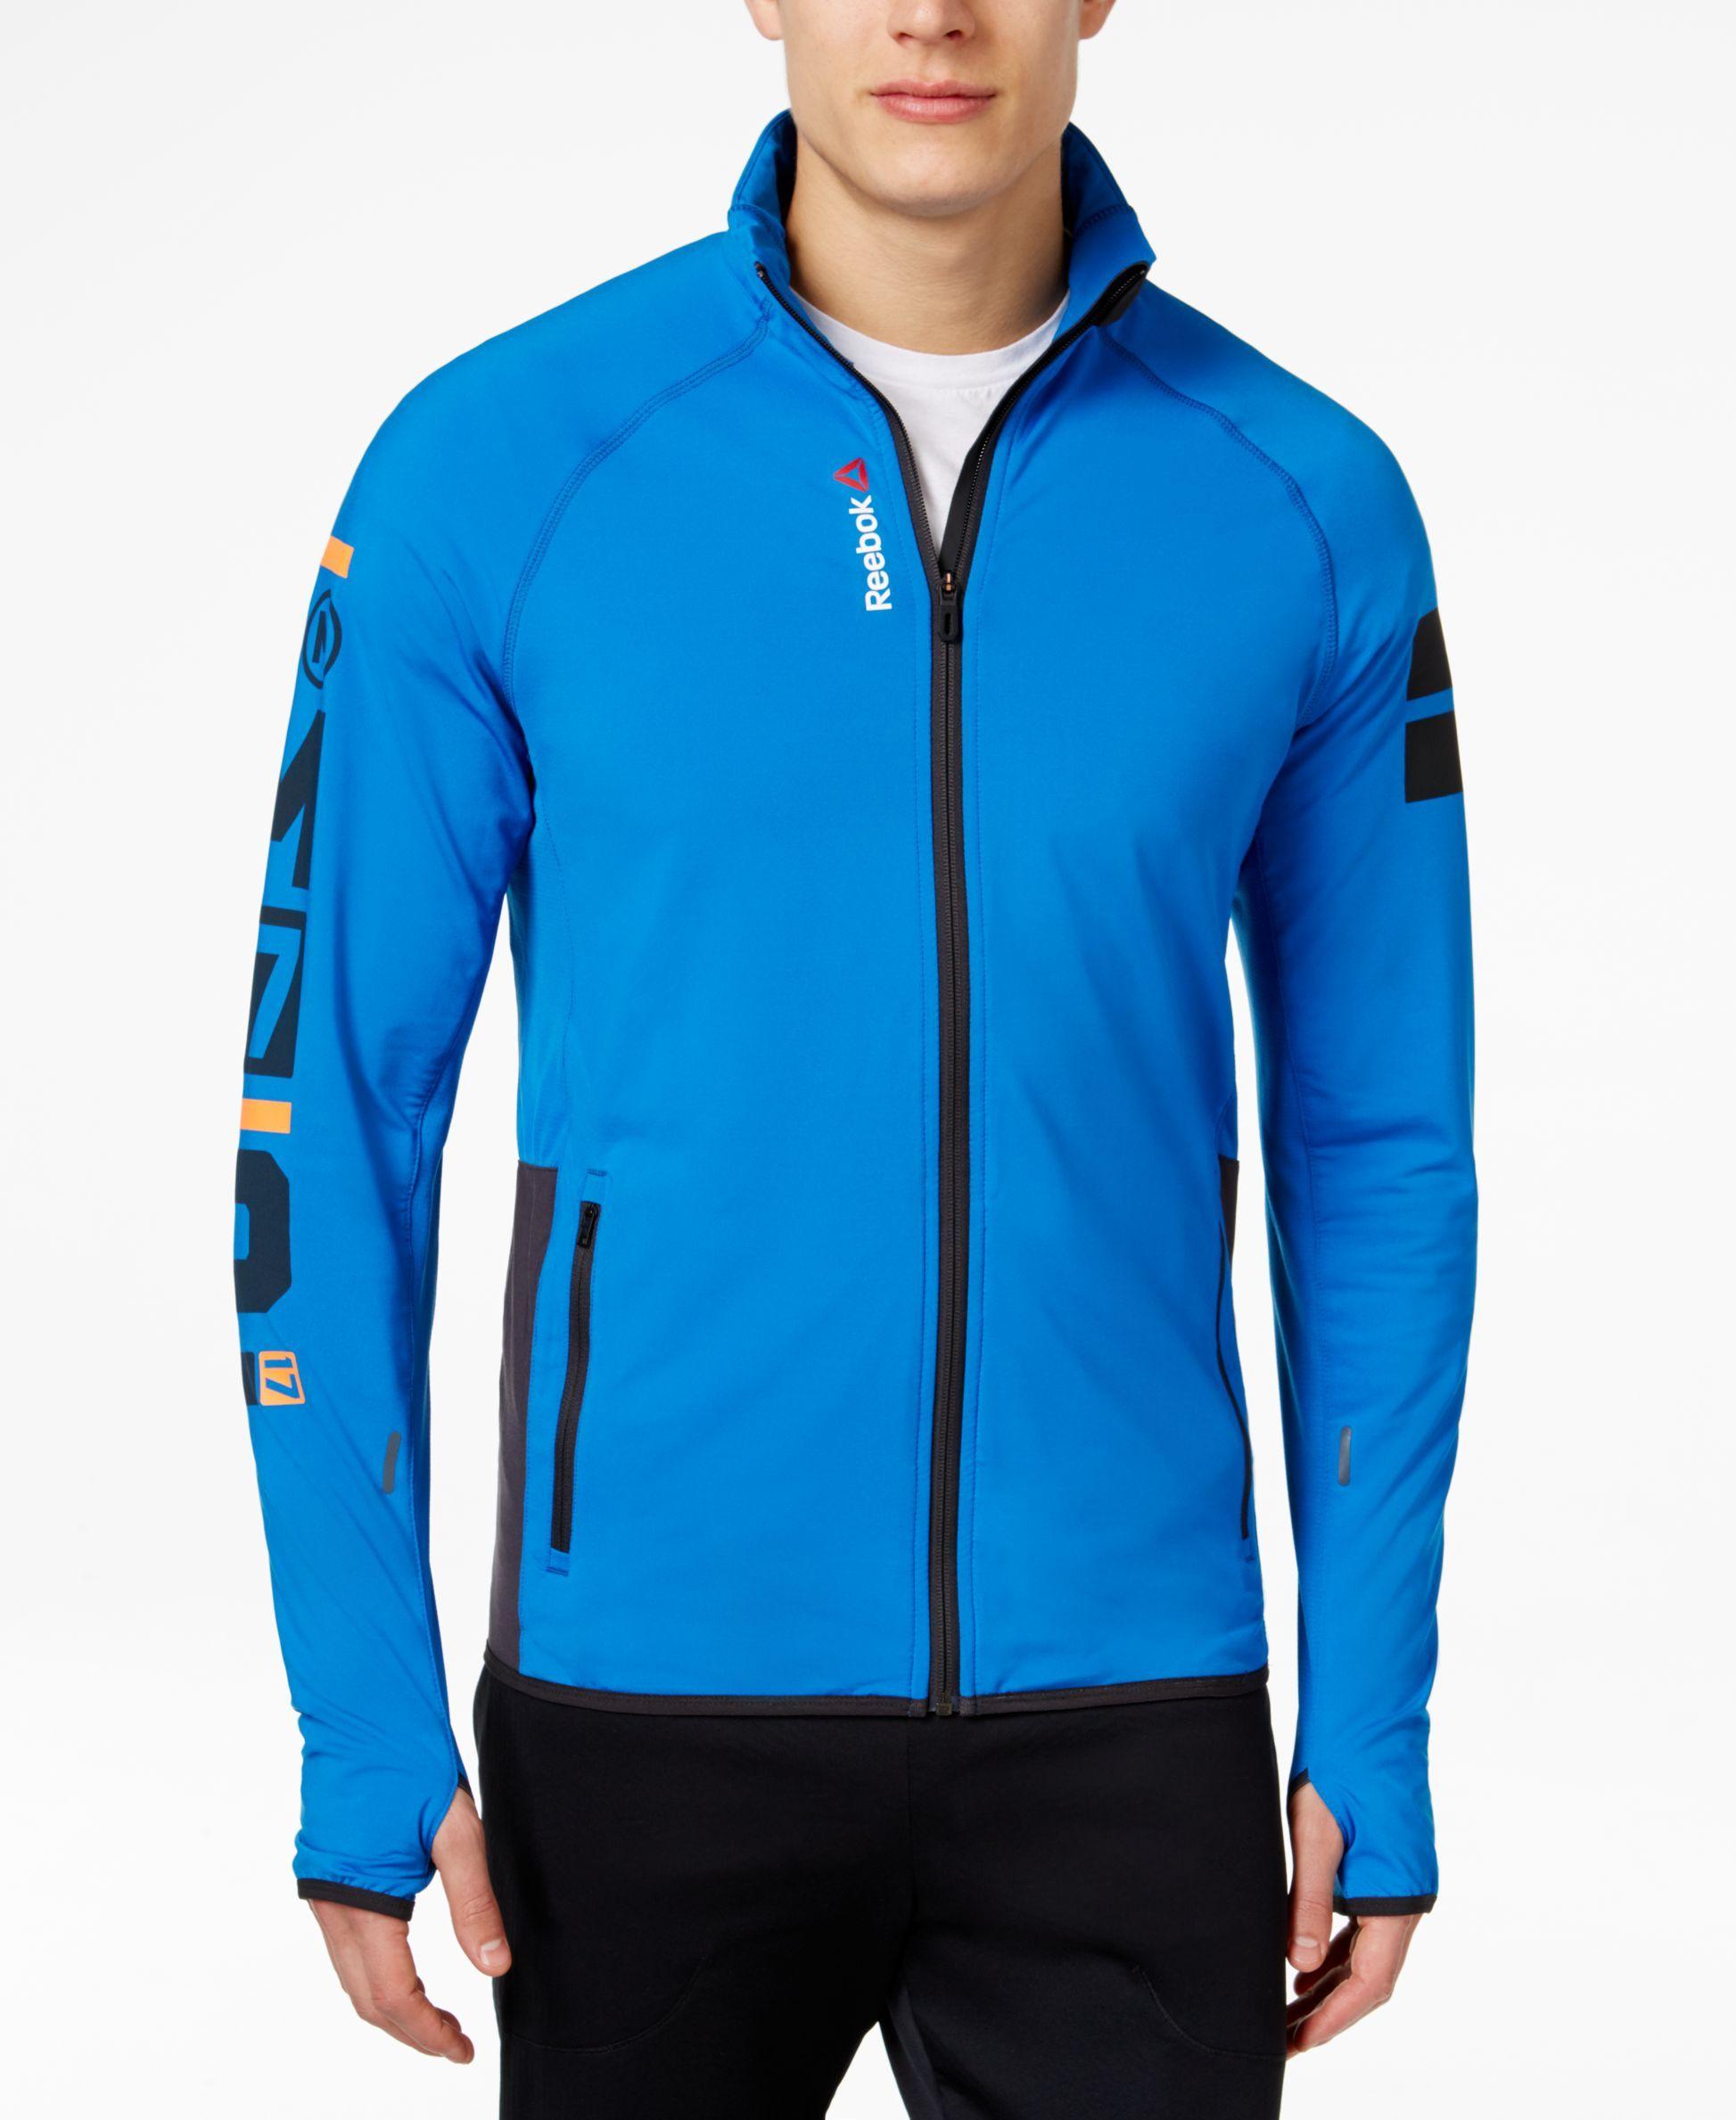 Reebok Men S Track Jacket Hoodies Sweatshirts Men Macy S Mens Outdoor Jackets Hoodies Men Track Suit Men [ 2378 x 1947 Pixel ]